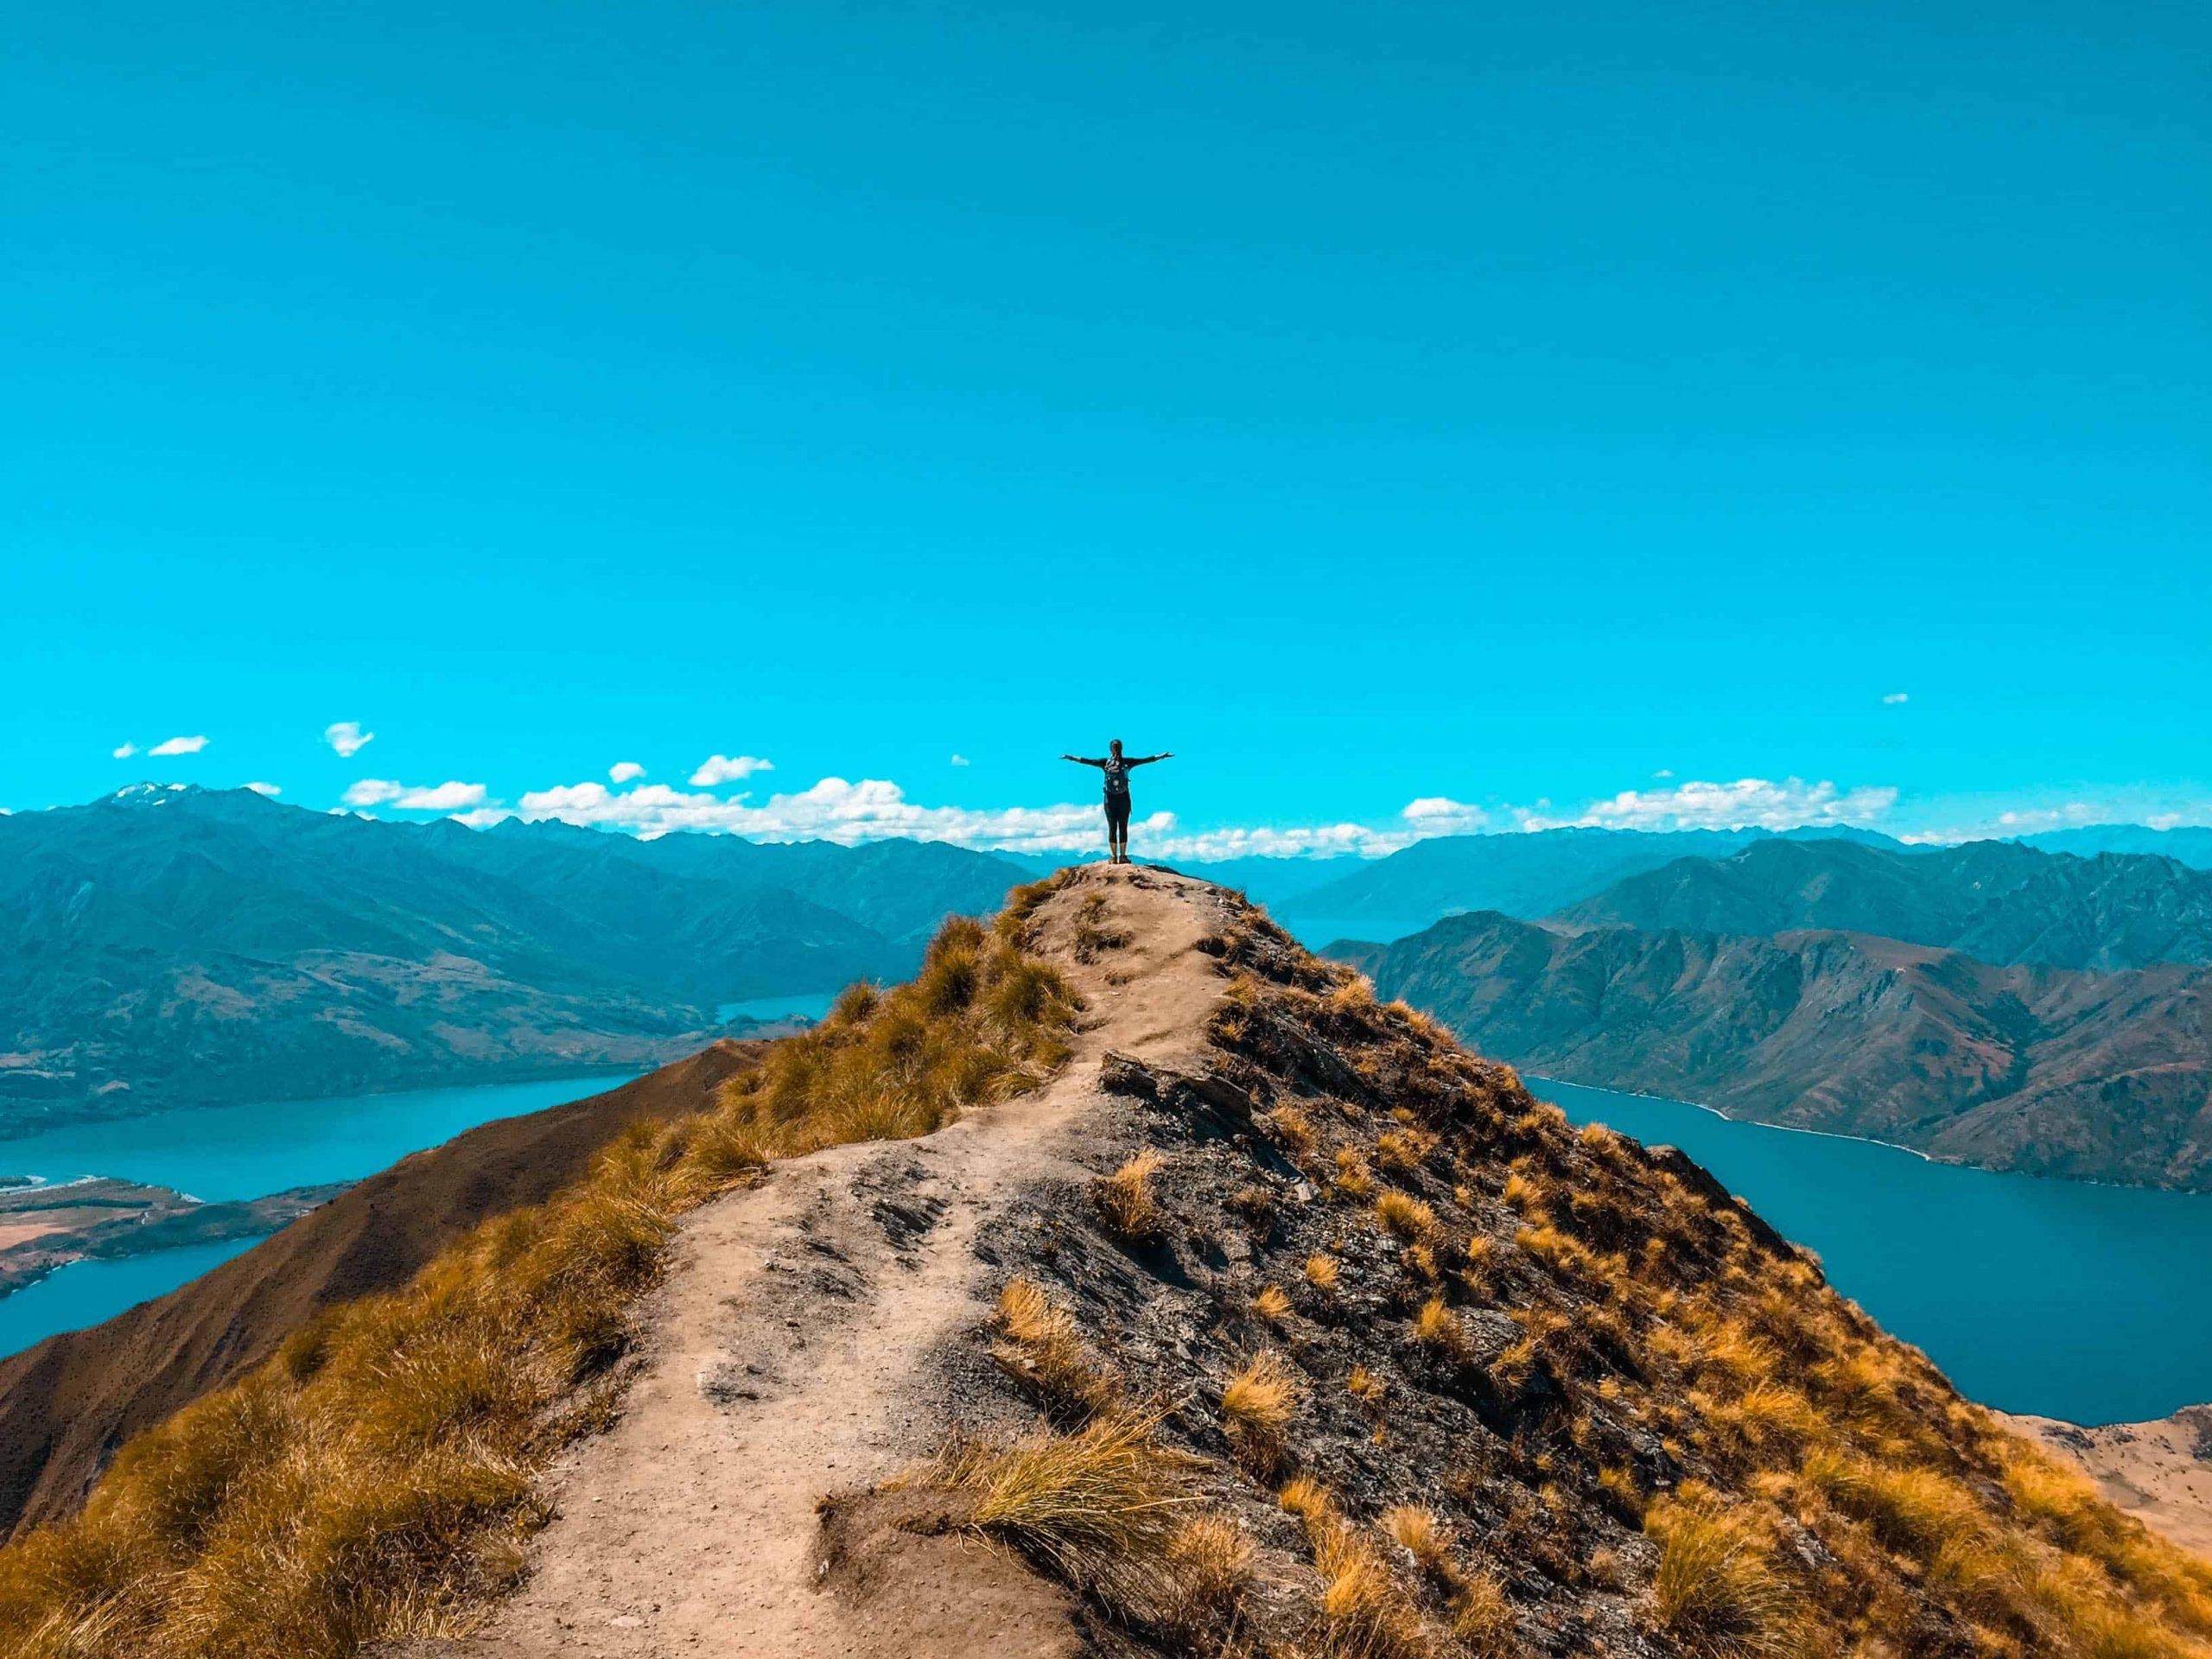 randonnée, paysage, activité